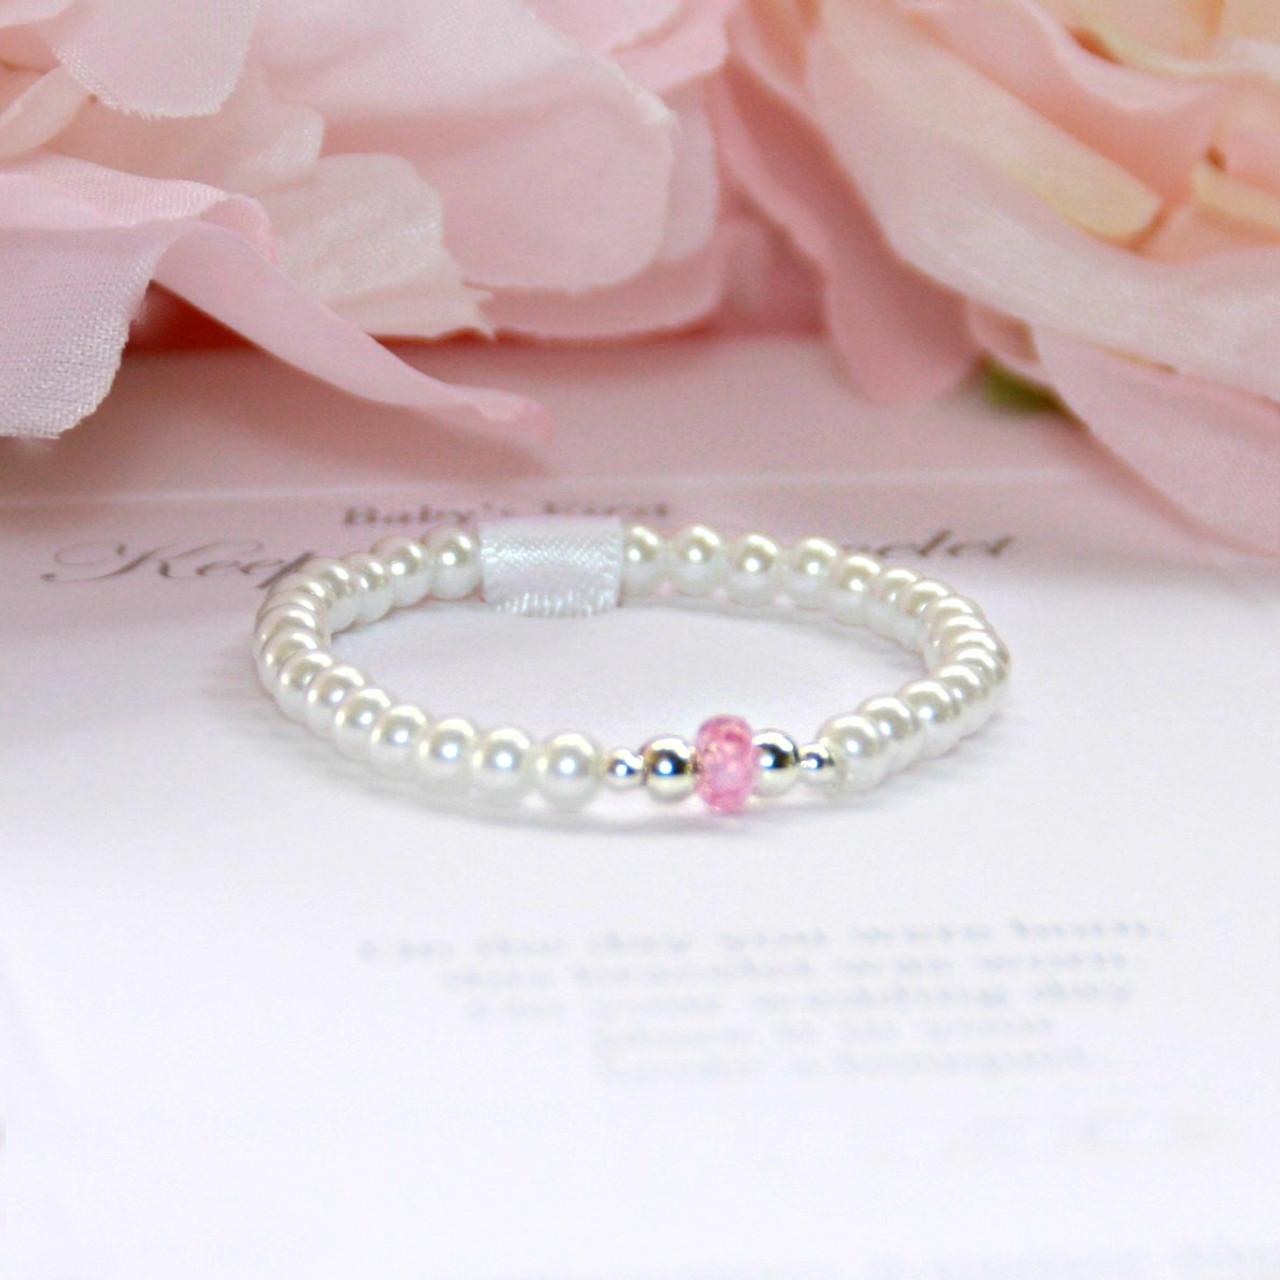 STG-168  Sterling Silver Glass Pearls Focal Pink Bracelet